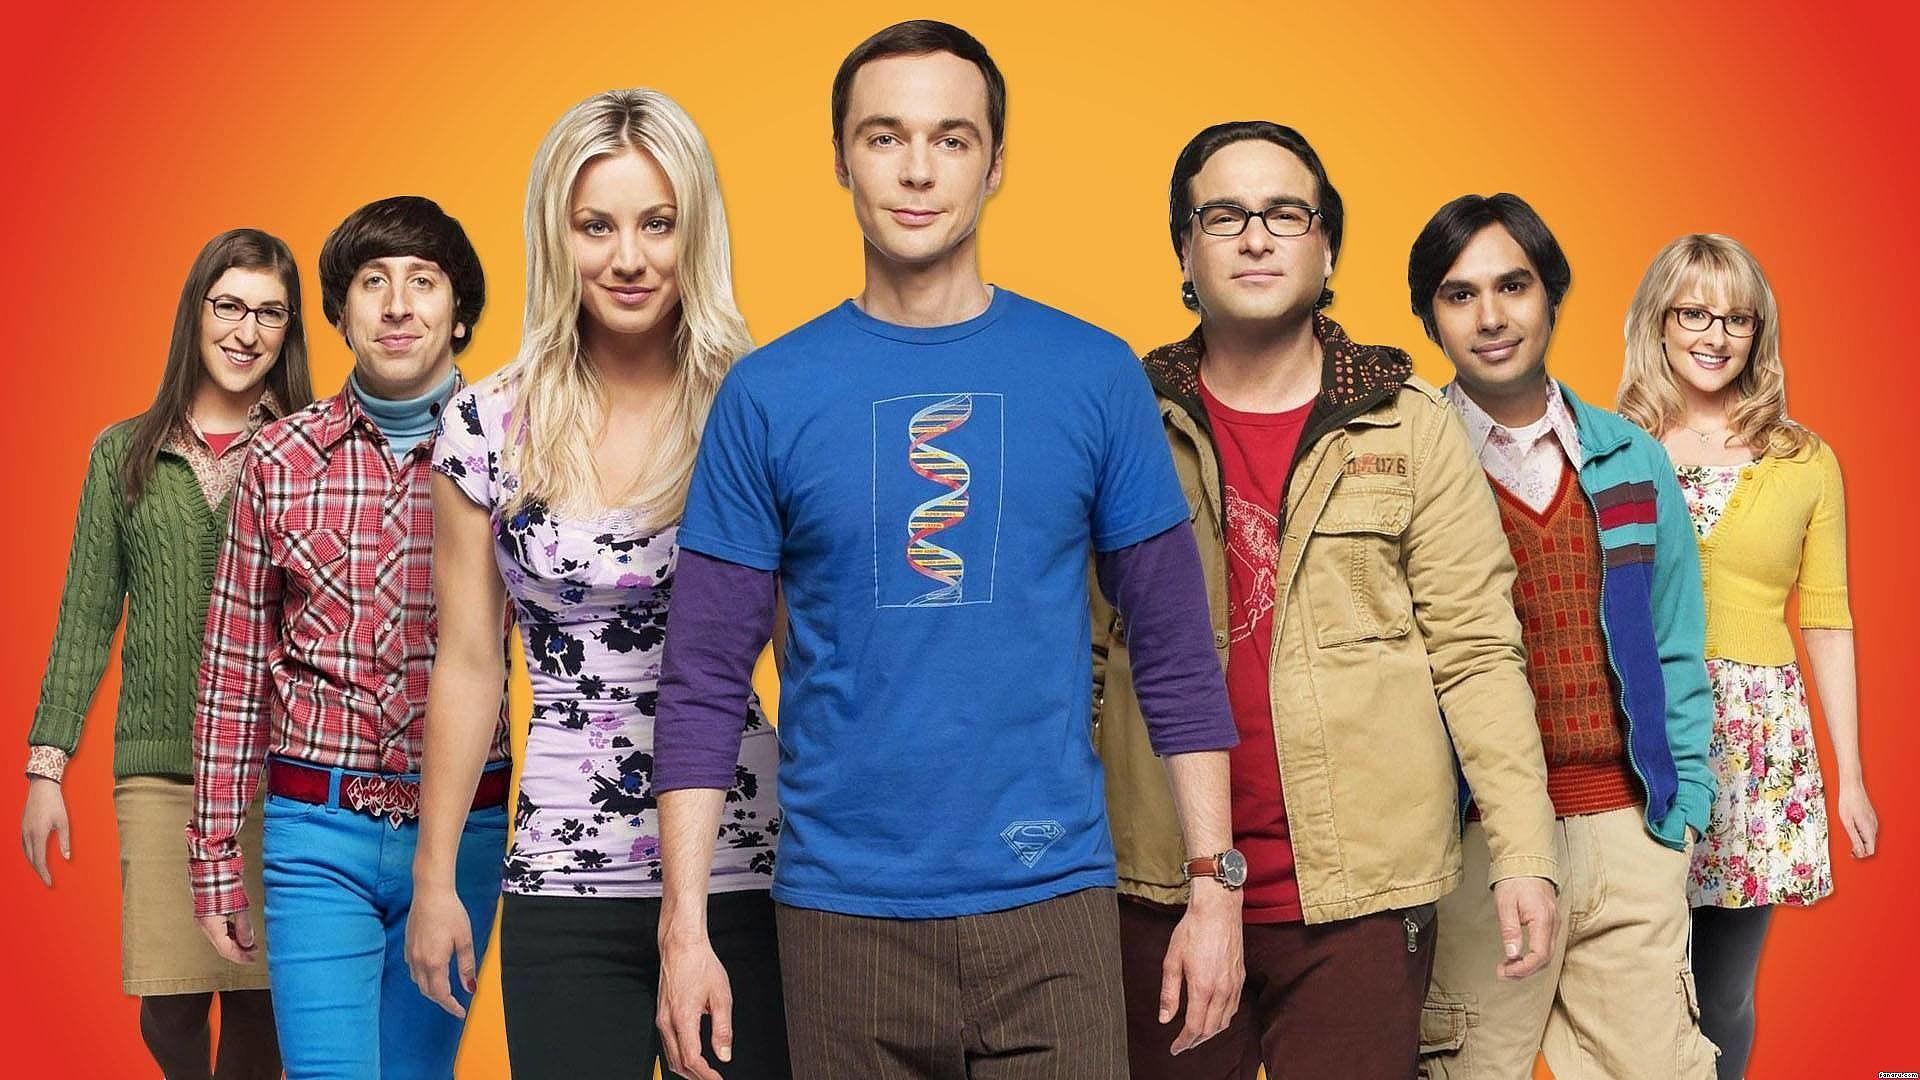 The Big Bang Theory(ビッグバンセオリー)のキャラクター紹介&解説!